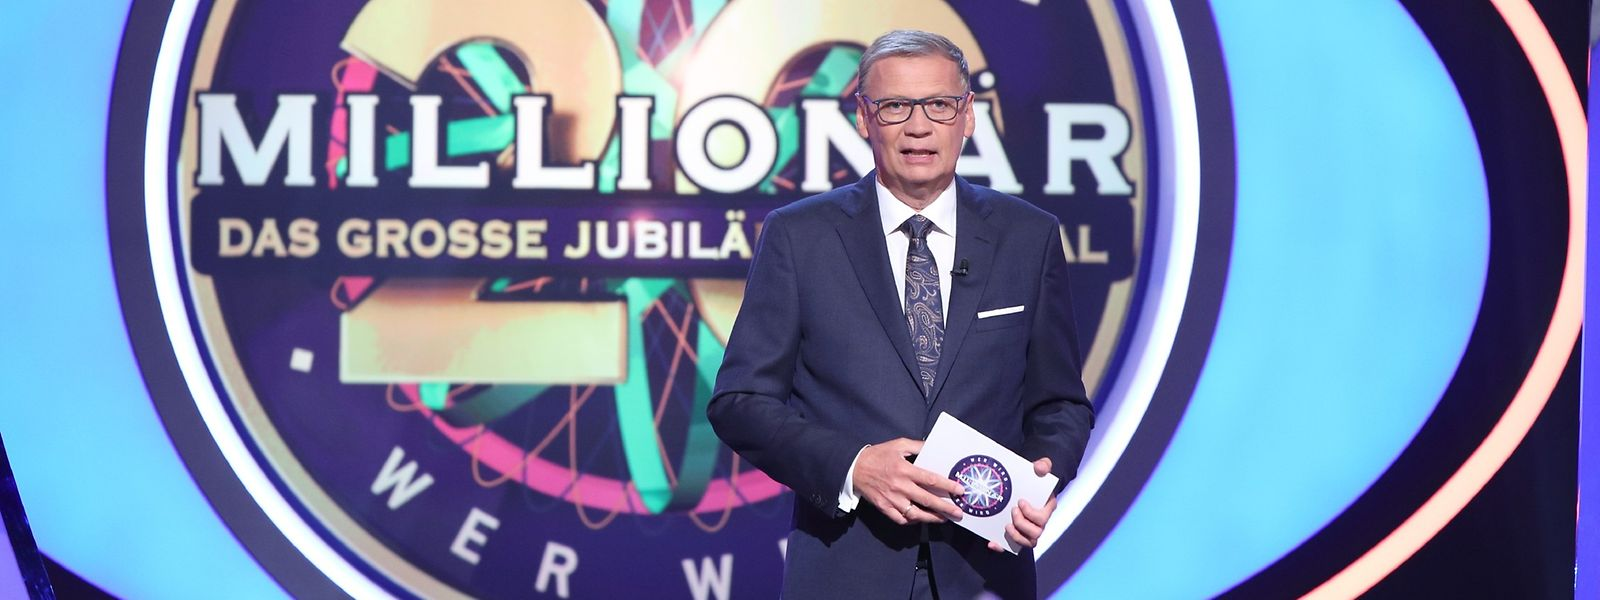 Günther Jauch zählt zu den beliebtesten TV-Persönlichkeiten im deutschen Fernsehen.